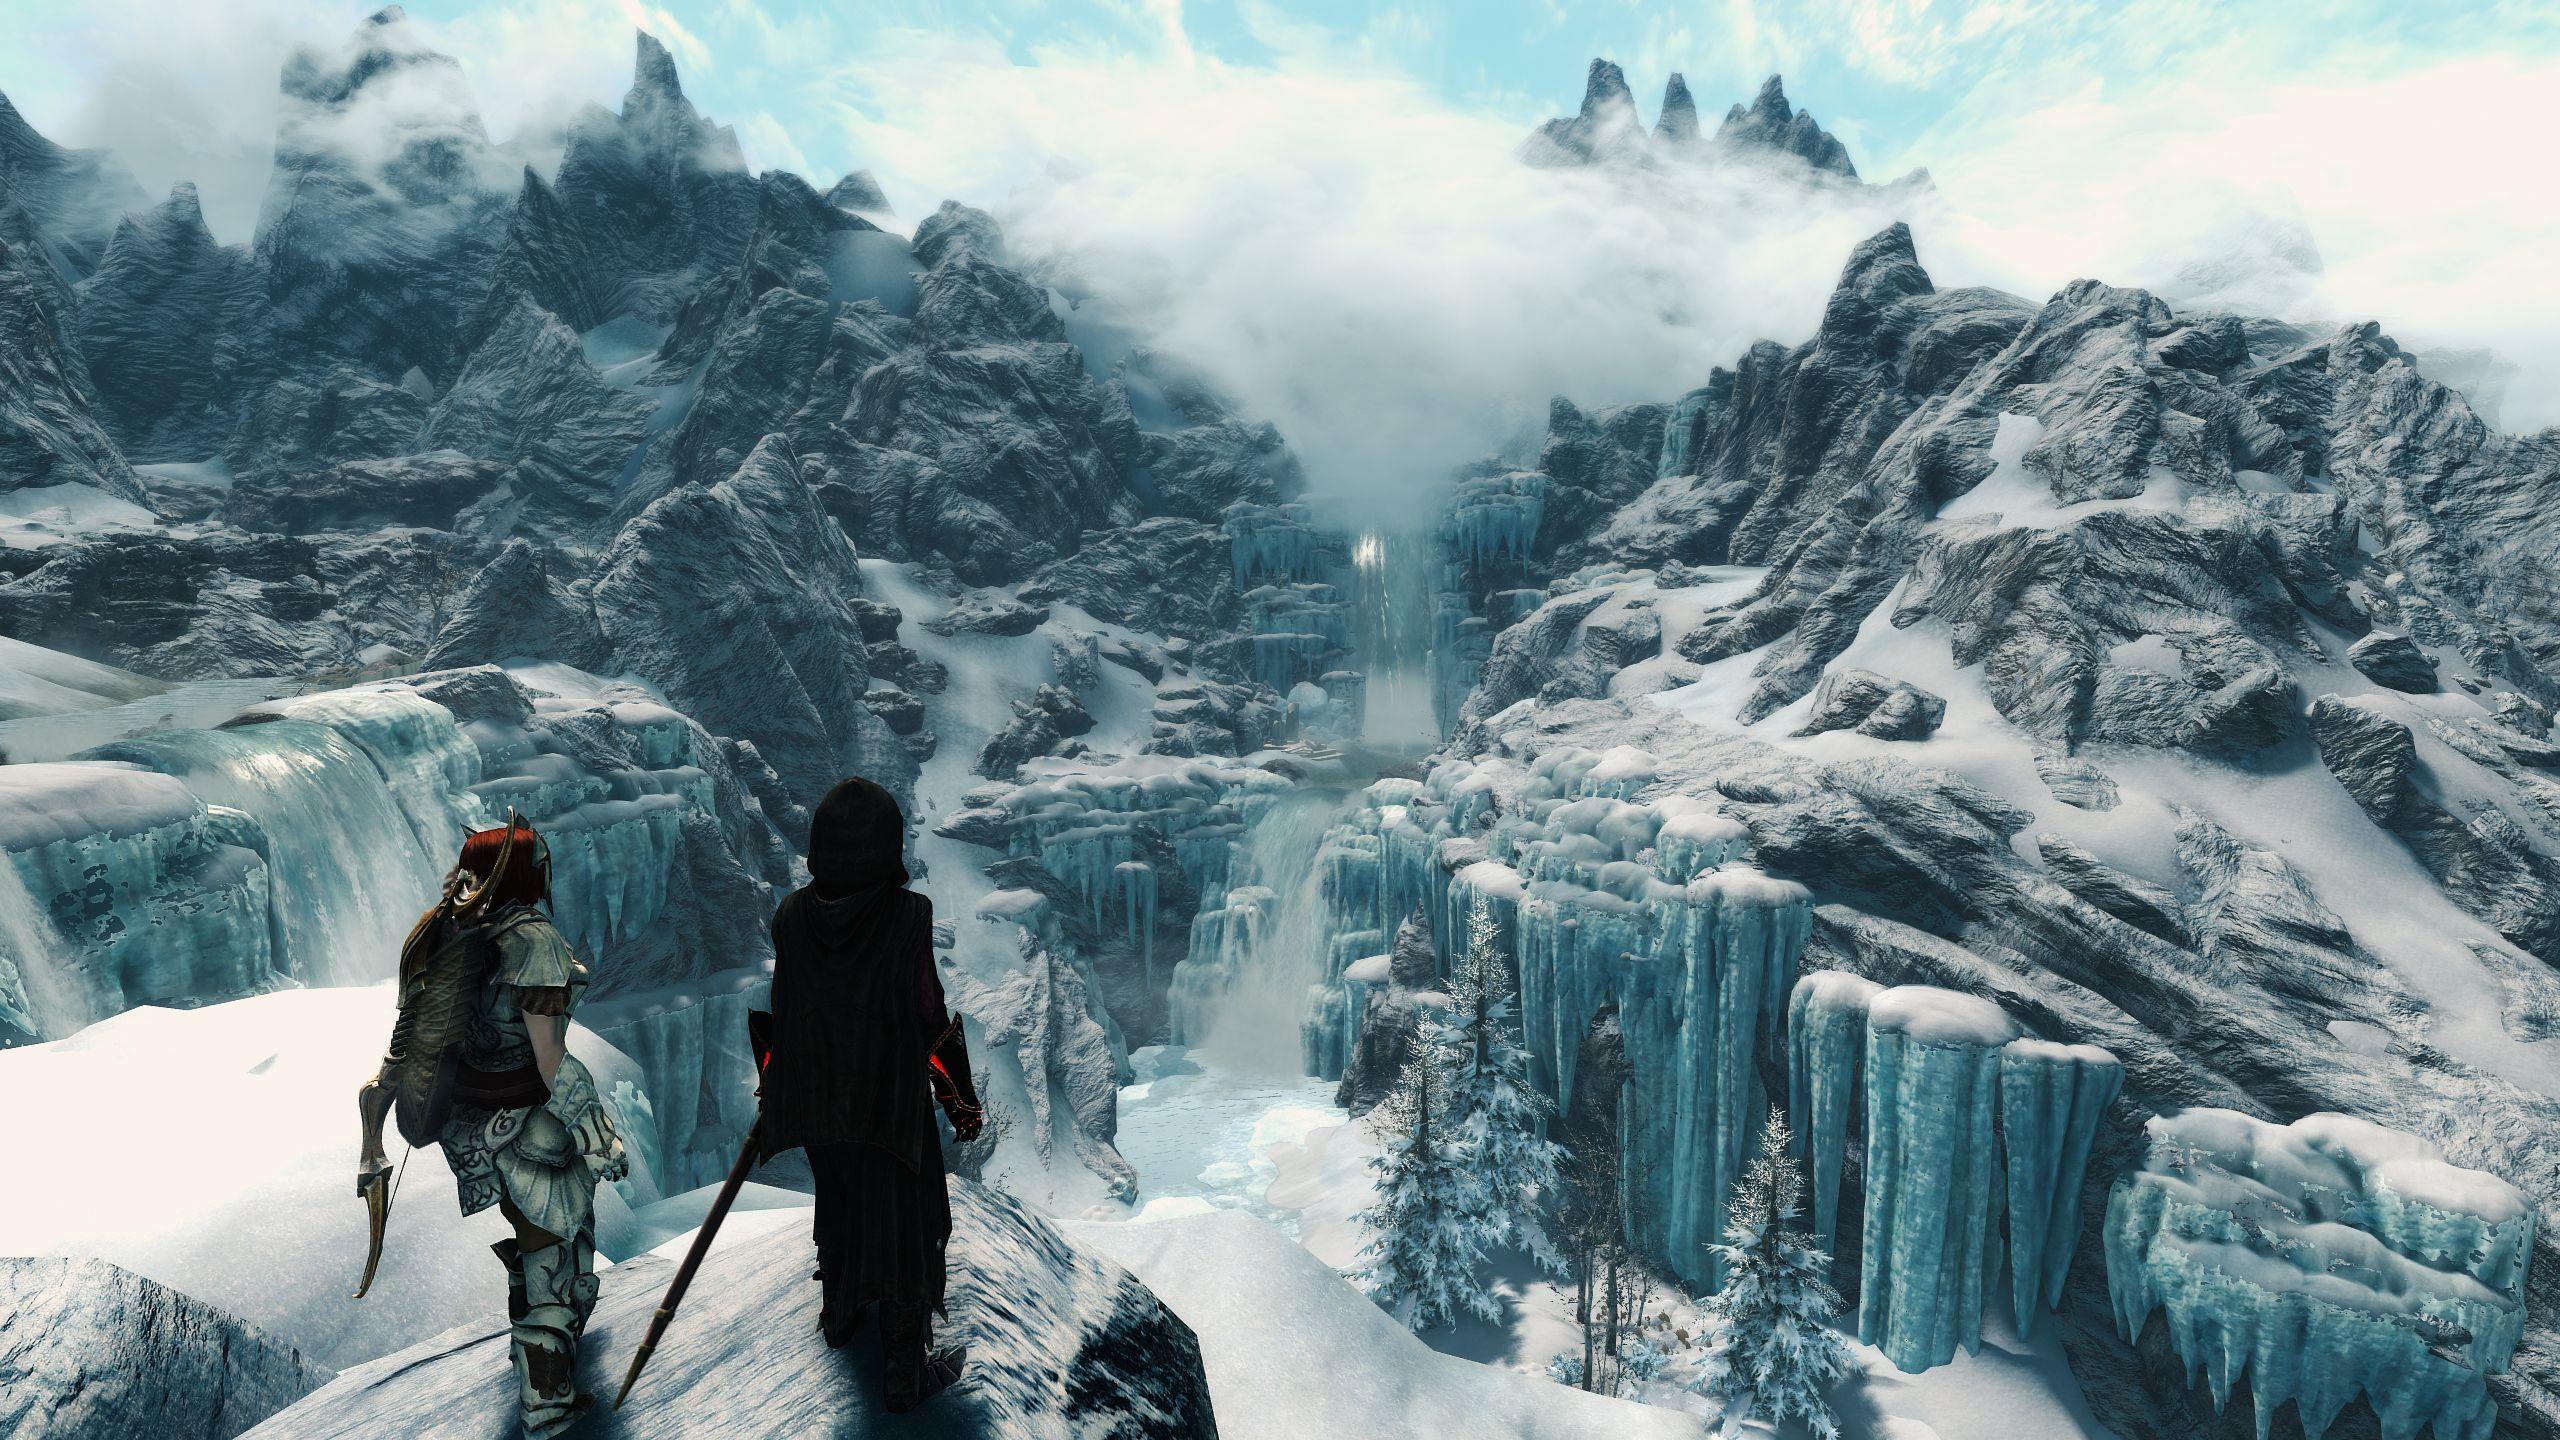 Vale games Skyrim elderscrolls BE3 gaming